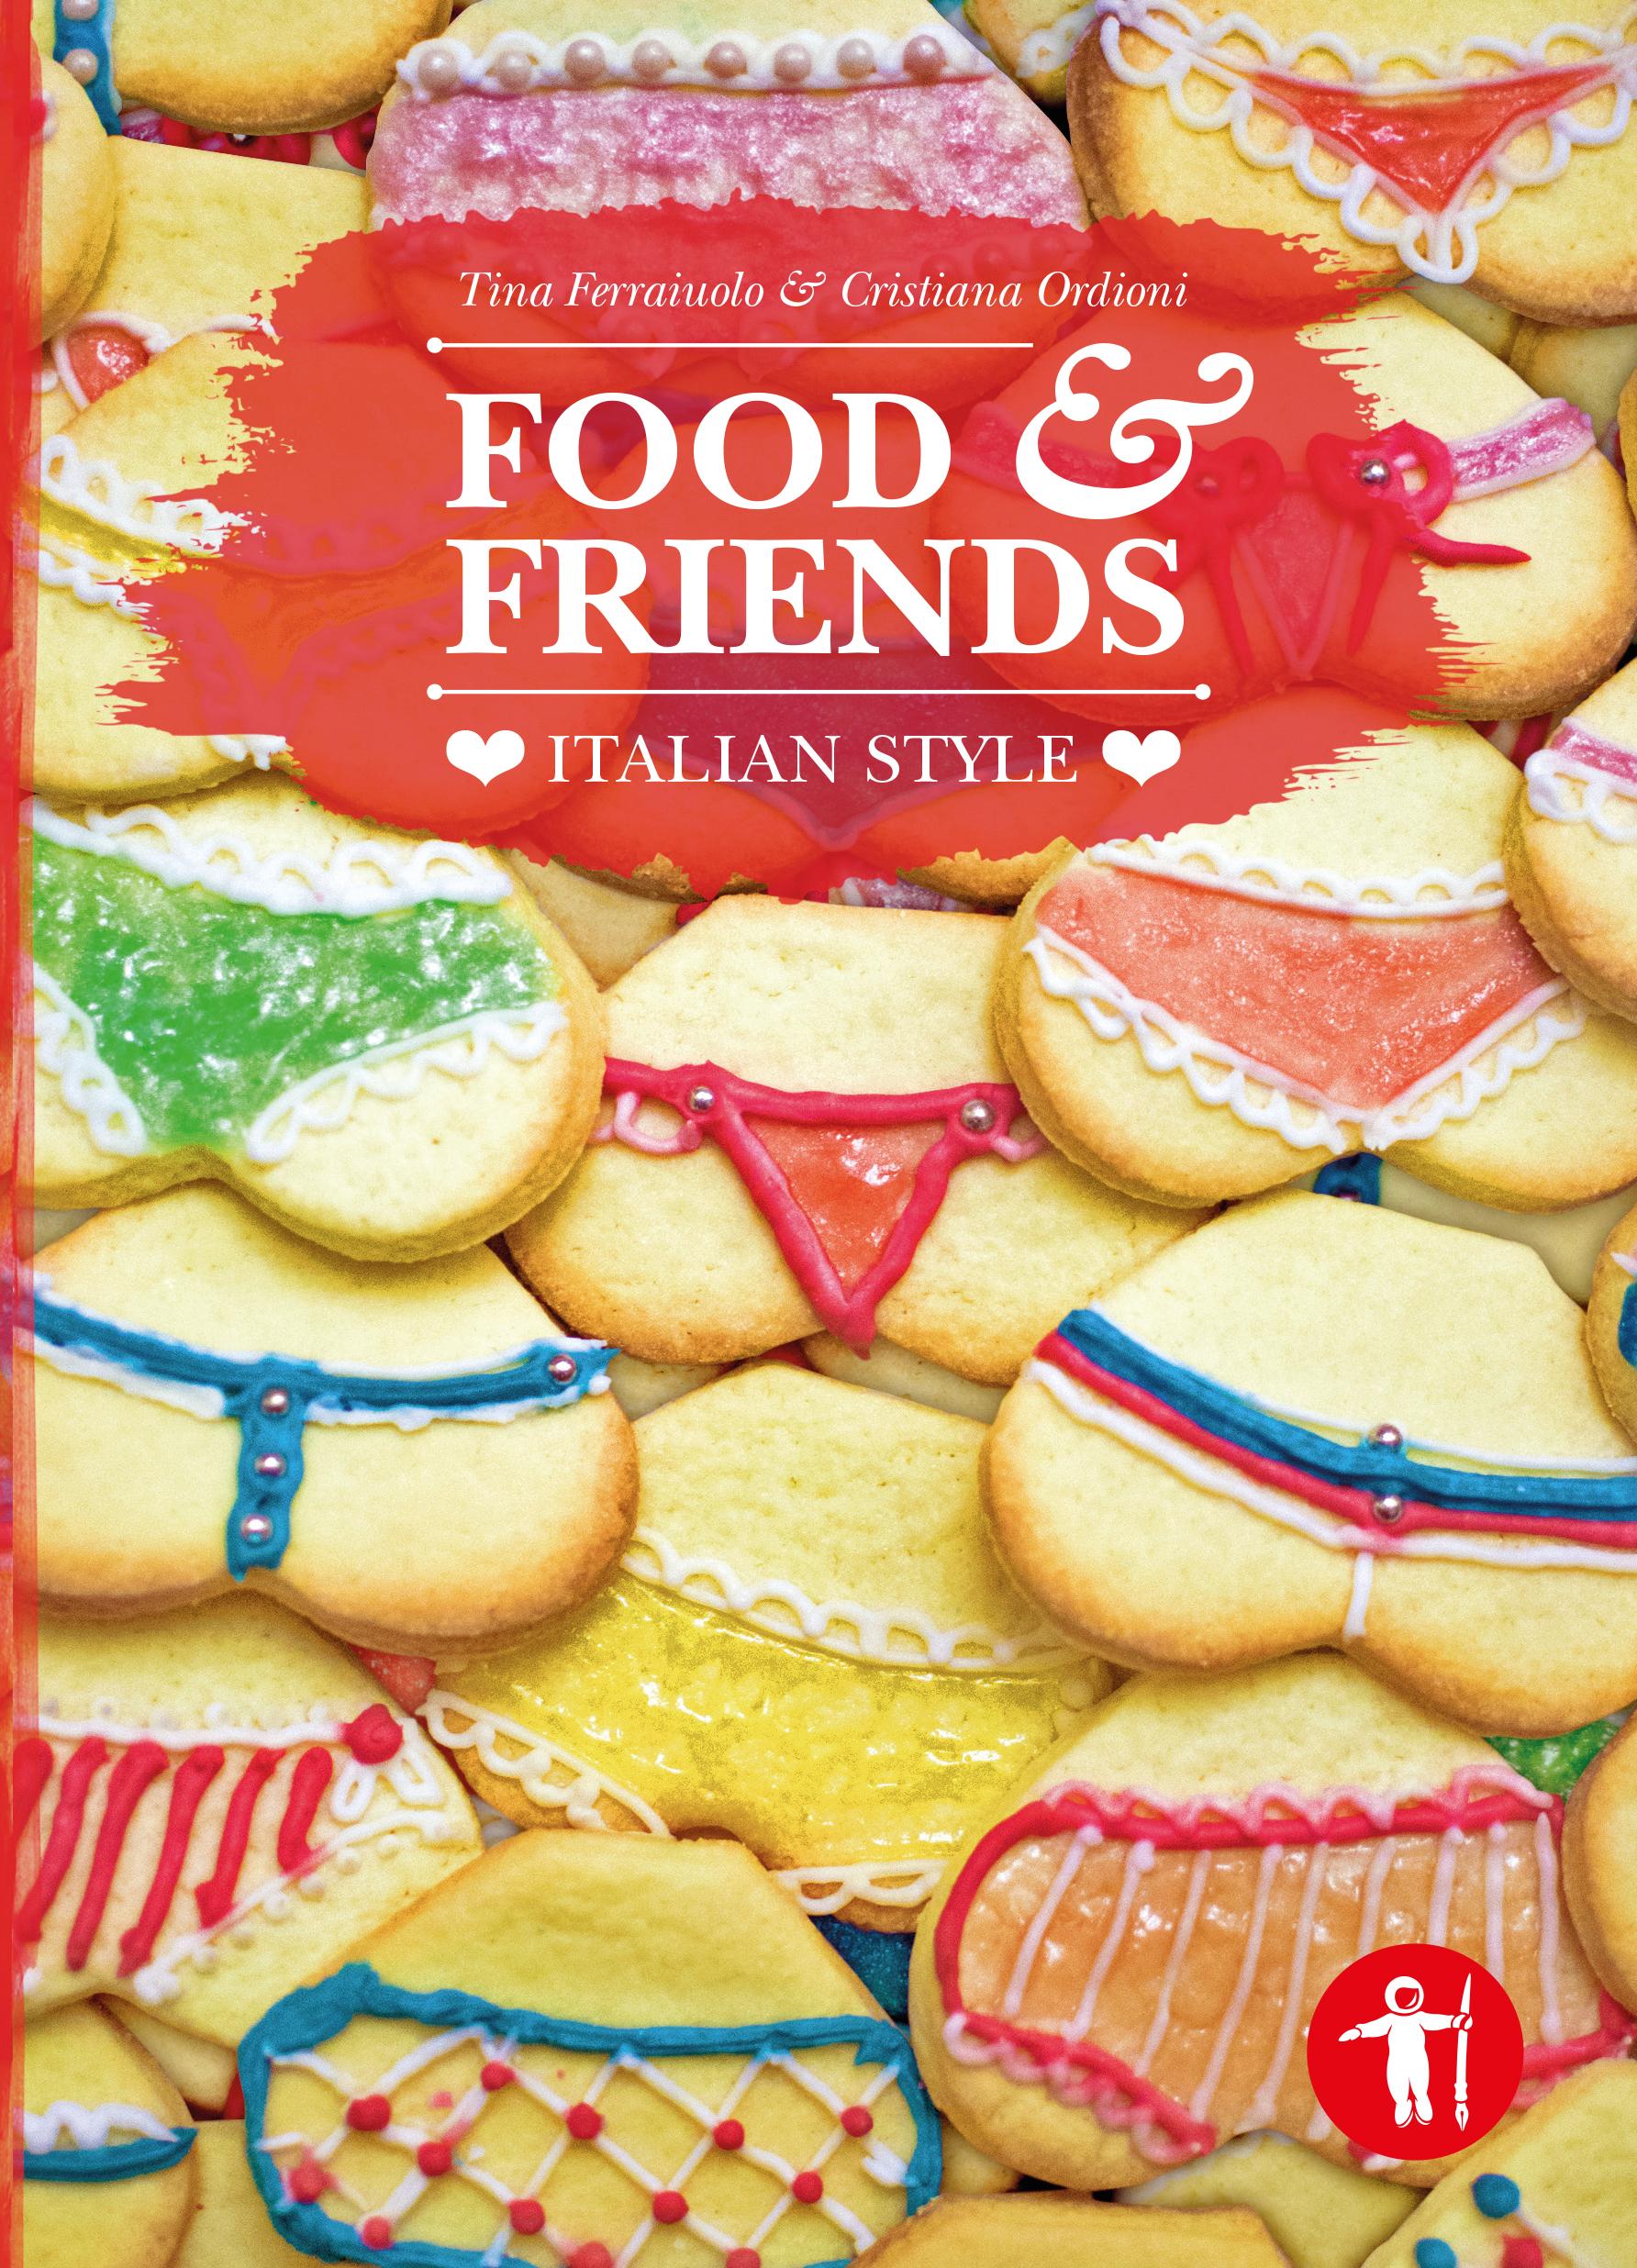 copertina ufficiale inglese